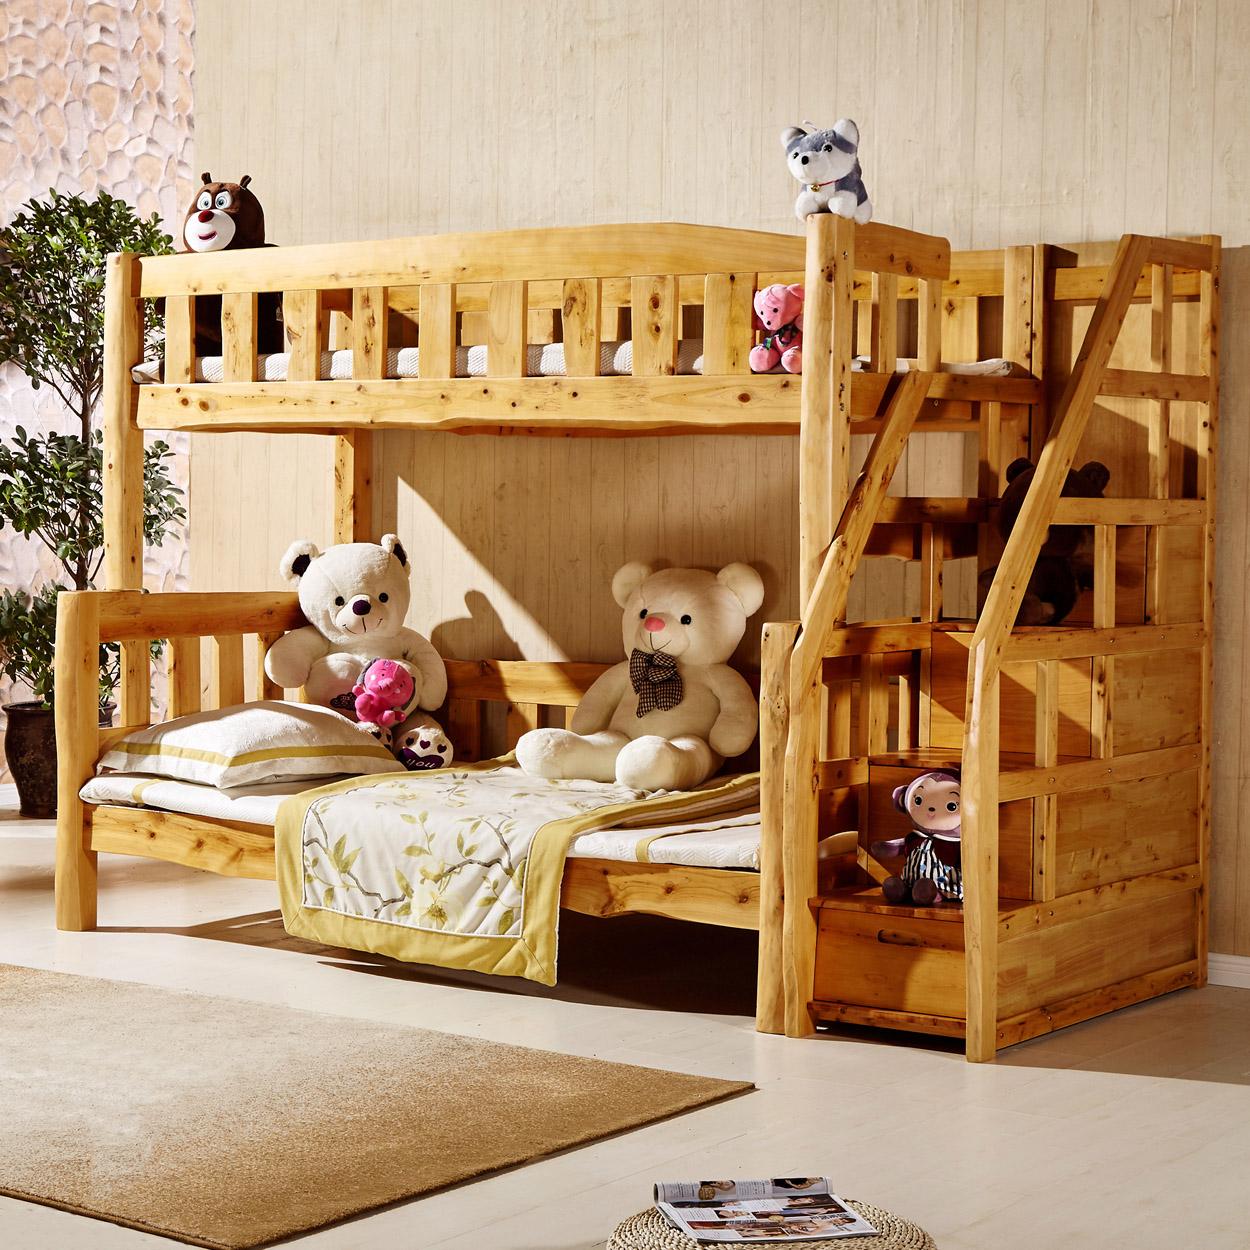 实木床香柏木家具儿童床原生态梯步子母床高低床双层床上下床梯柜